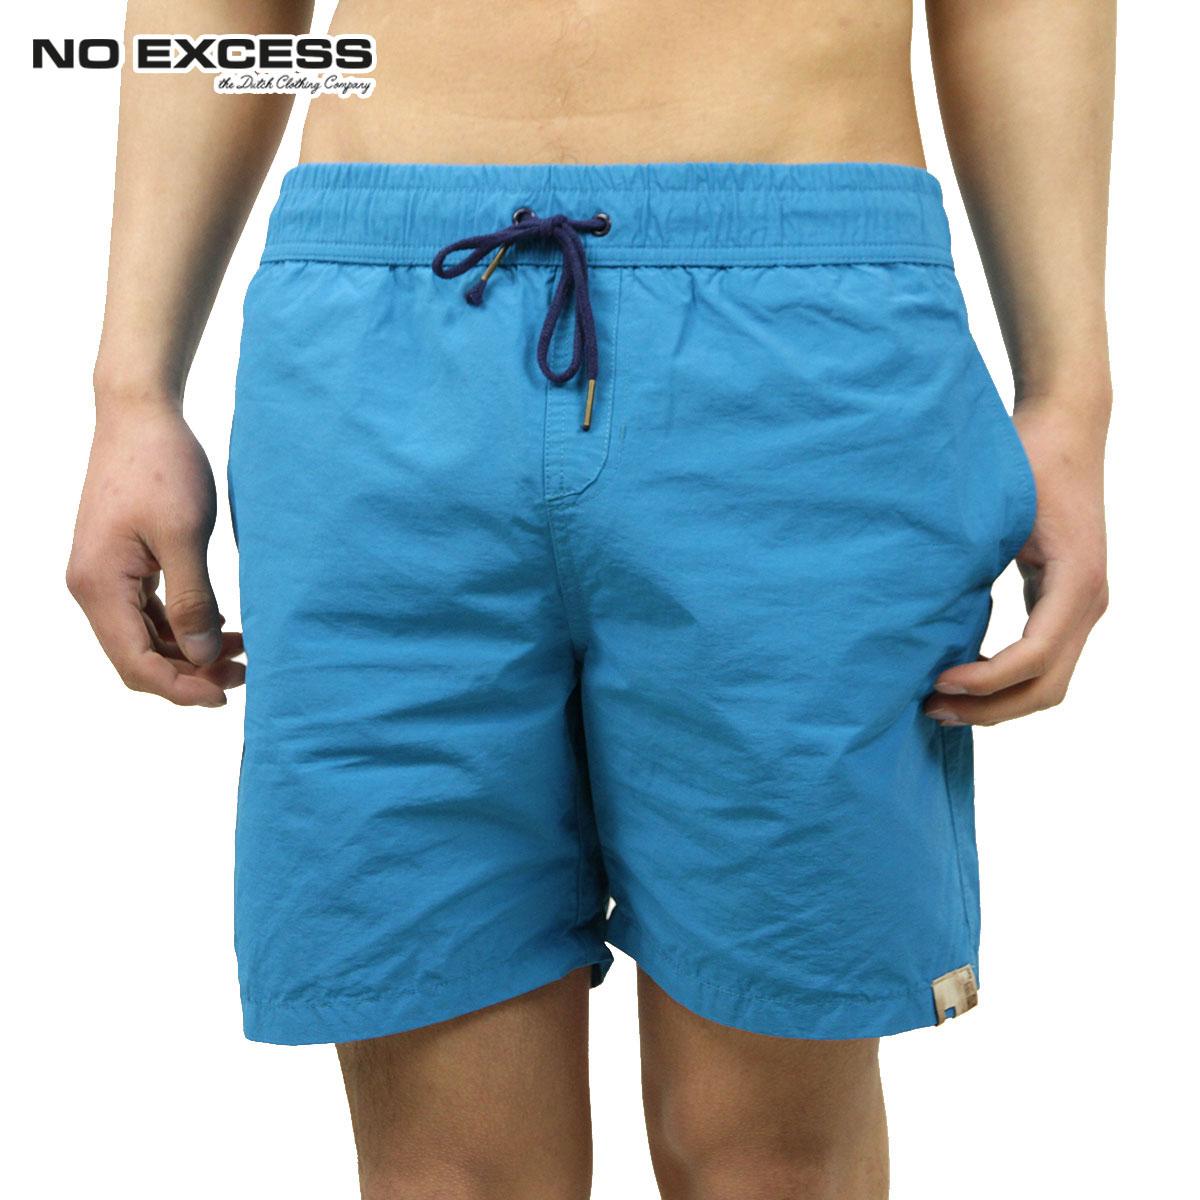 ノーエクセス NO EXCESS 正規販売店 メンズ スイムパンツ Swimshort, solid cotton nylon 740301 36